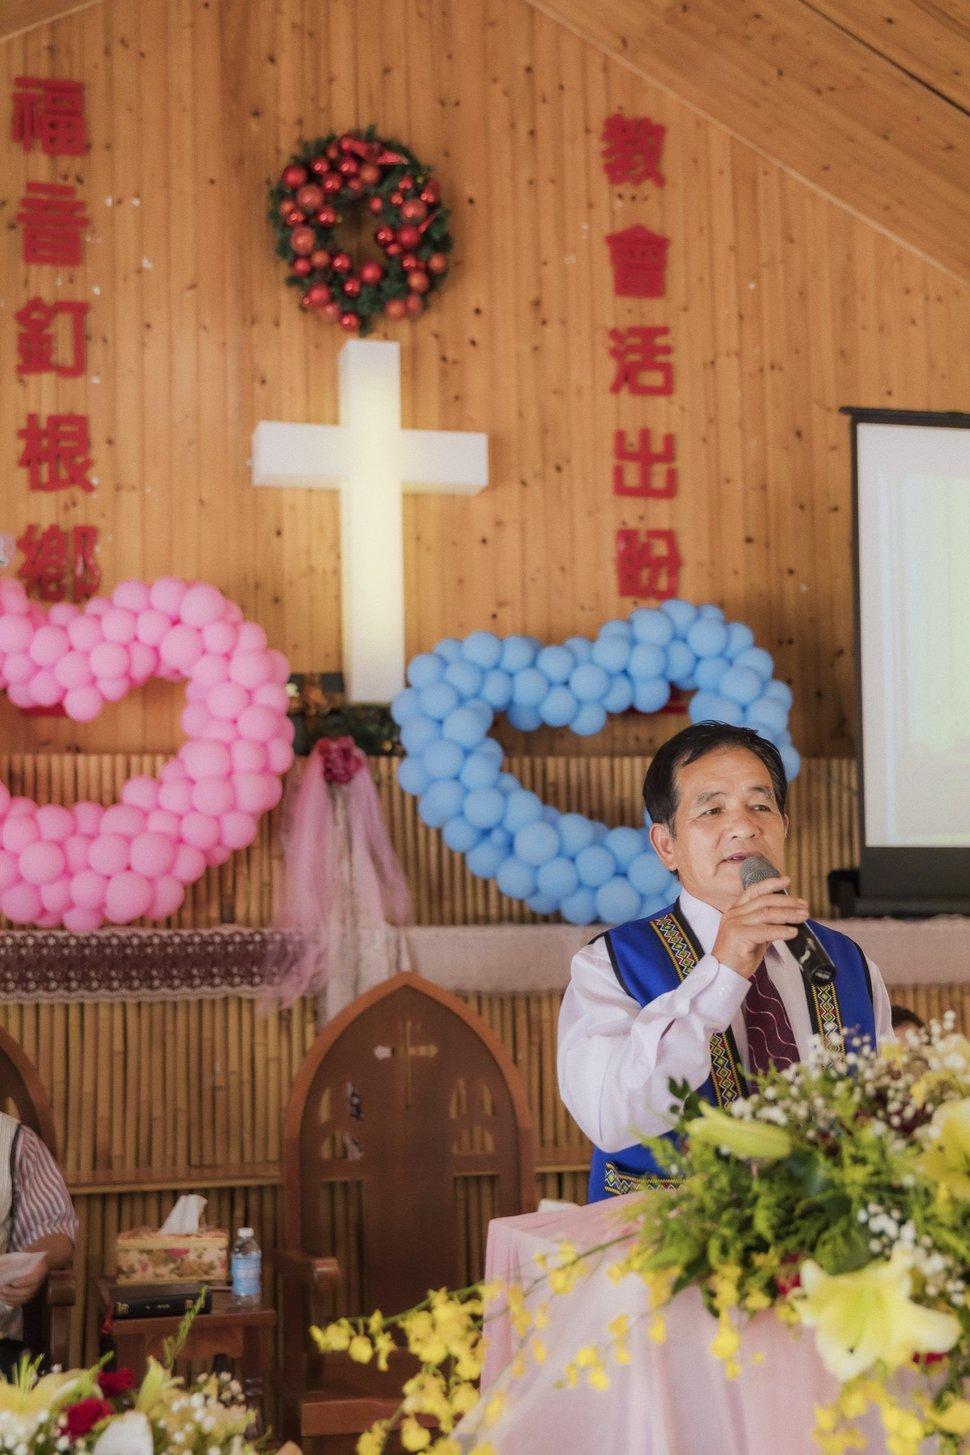 婚禮攝影-36 - Khalil Chou (凱勒·周)《結婚吧》